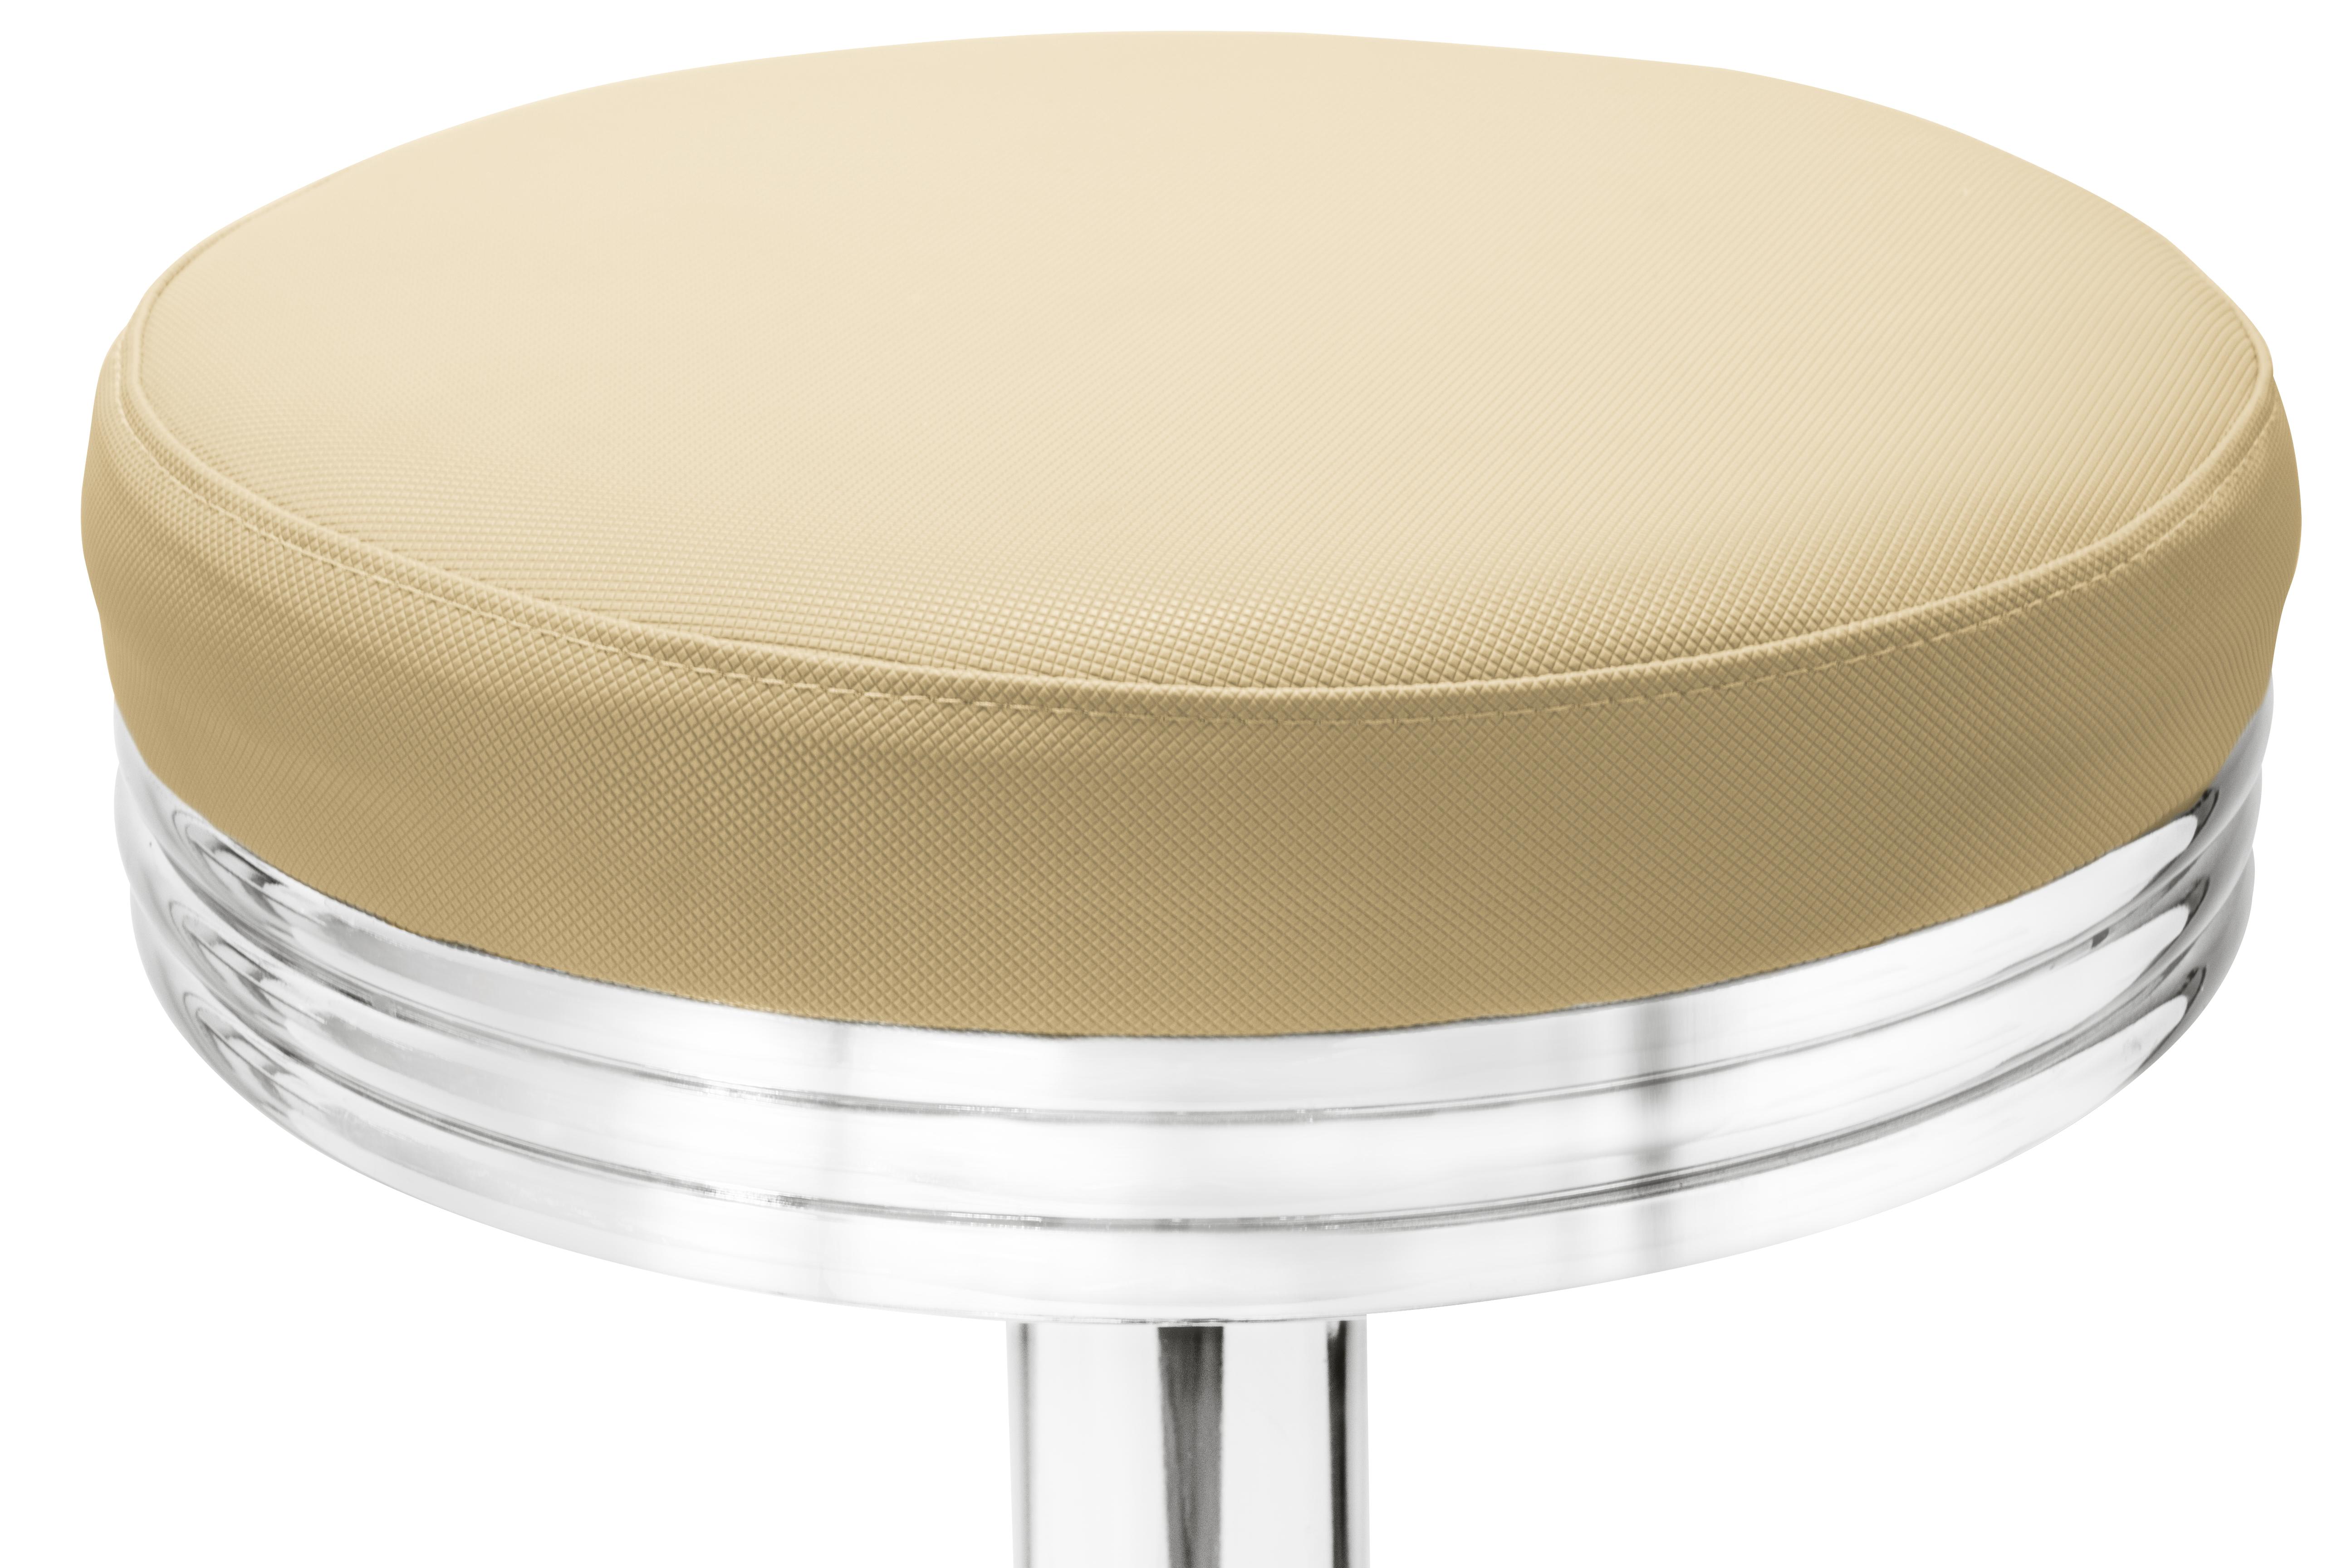 Gastronomie cafe barhocker oval beige mit sitzpolsterung for Barhocker beige